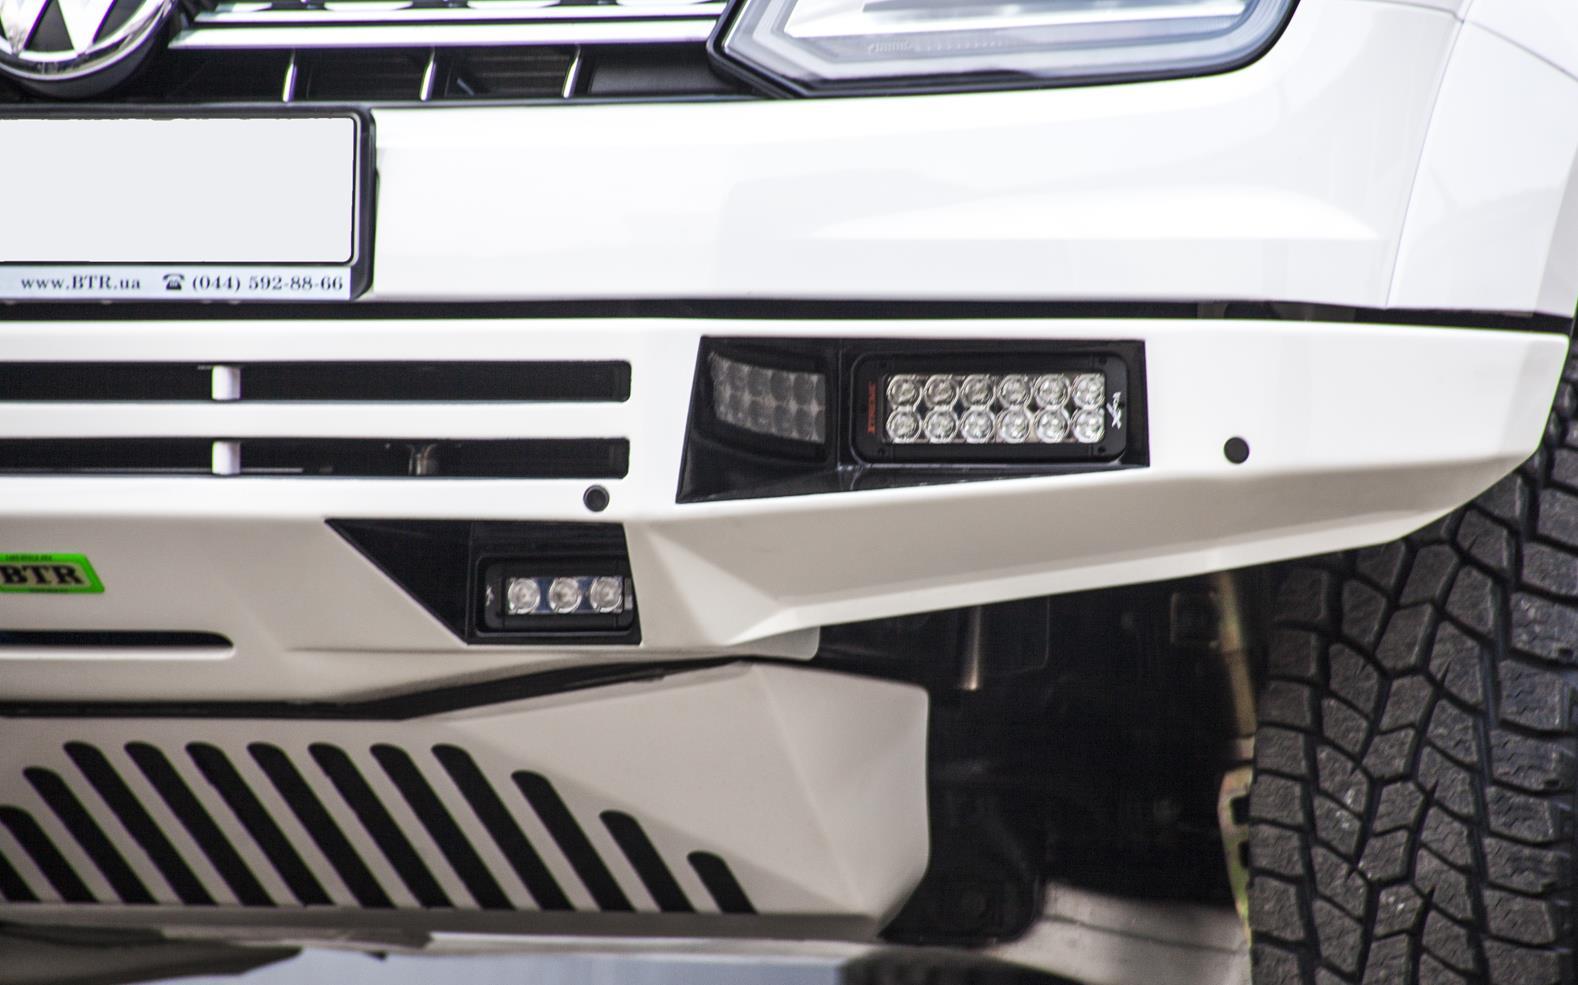 Volkswagen Amarok 2017 V6 Tuning 4